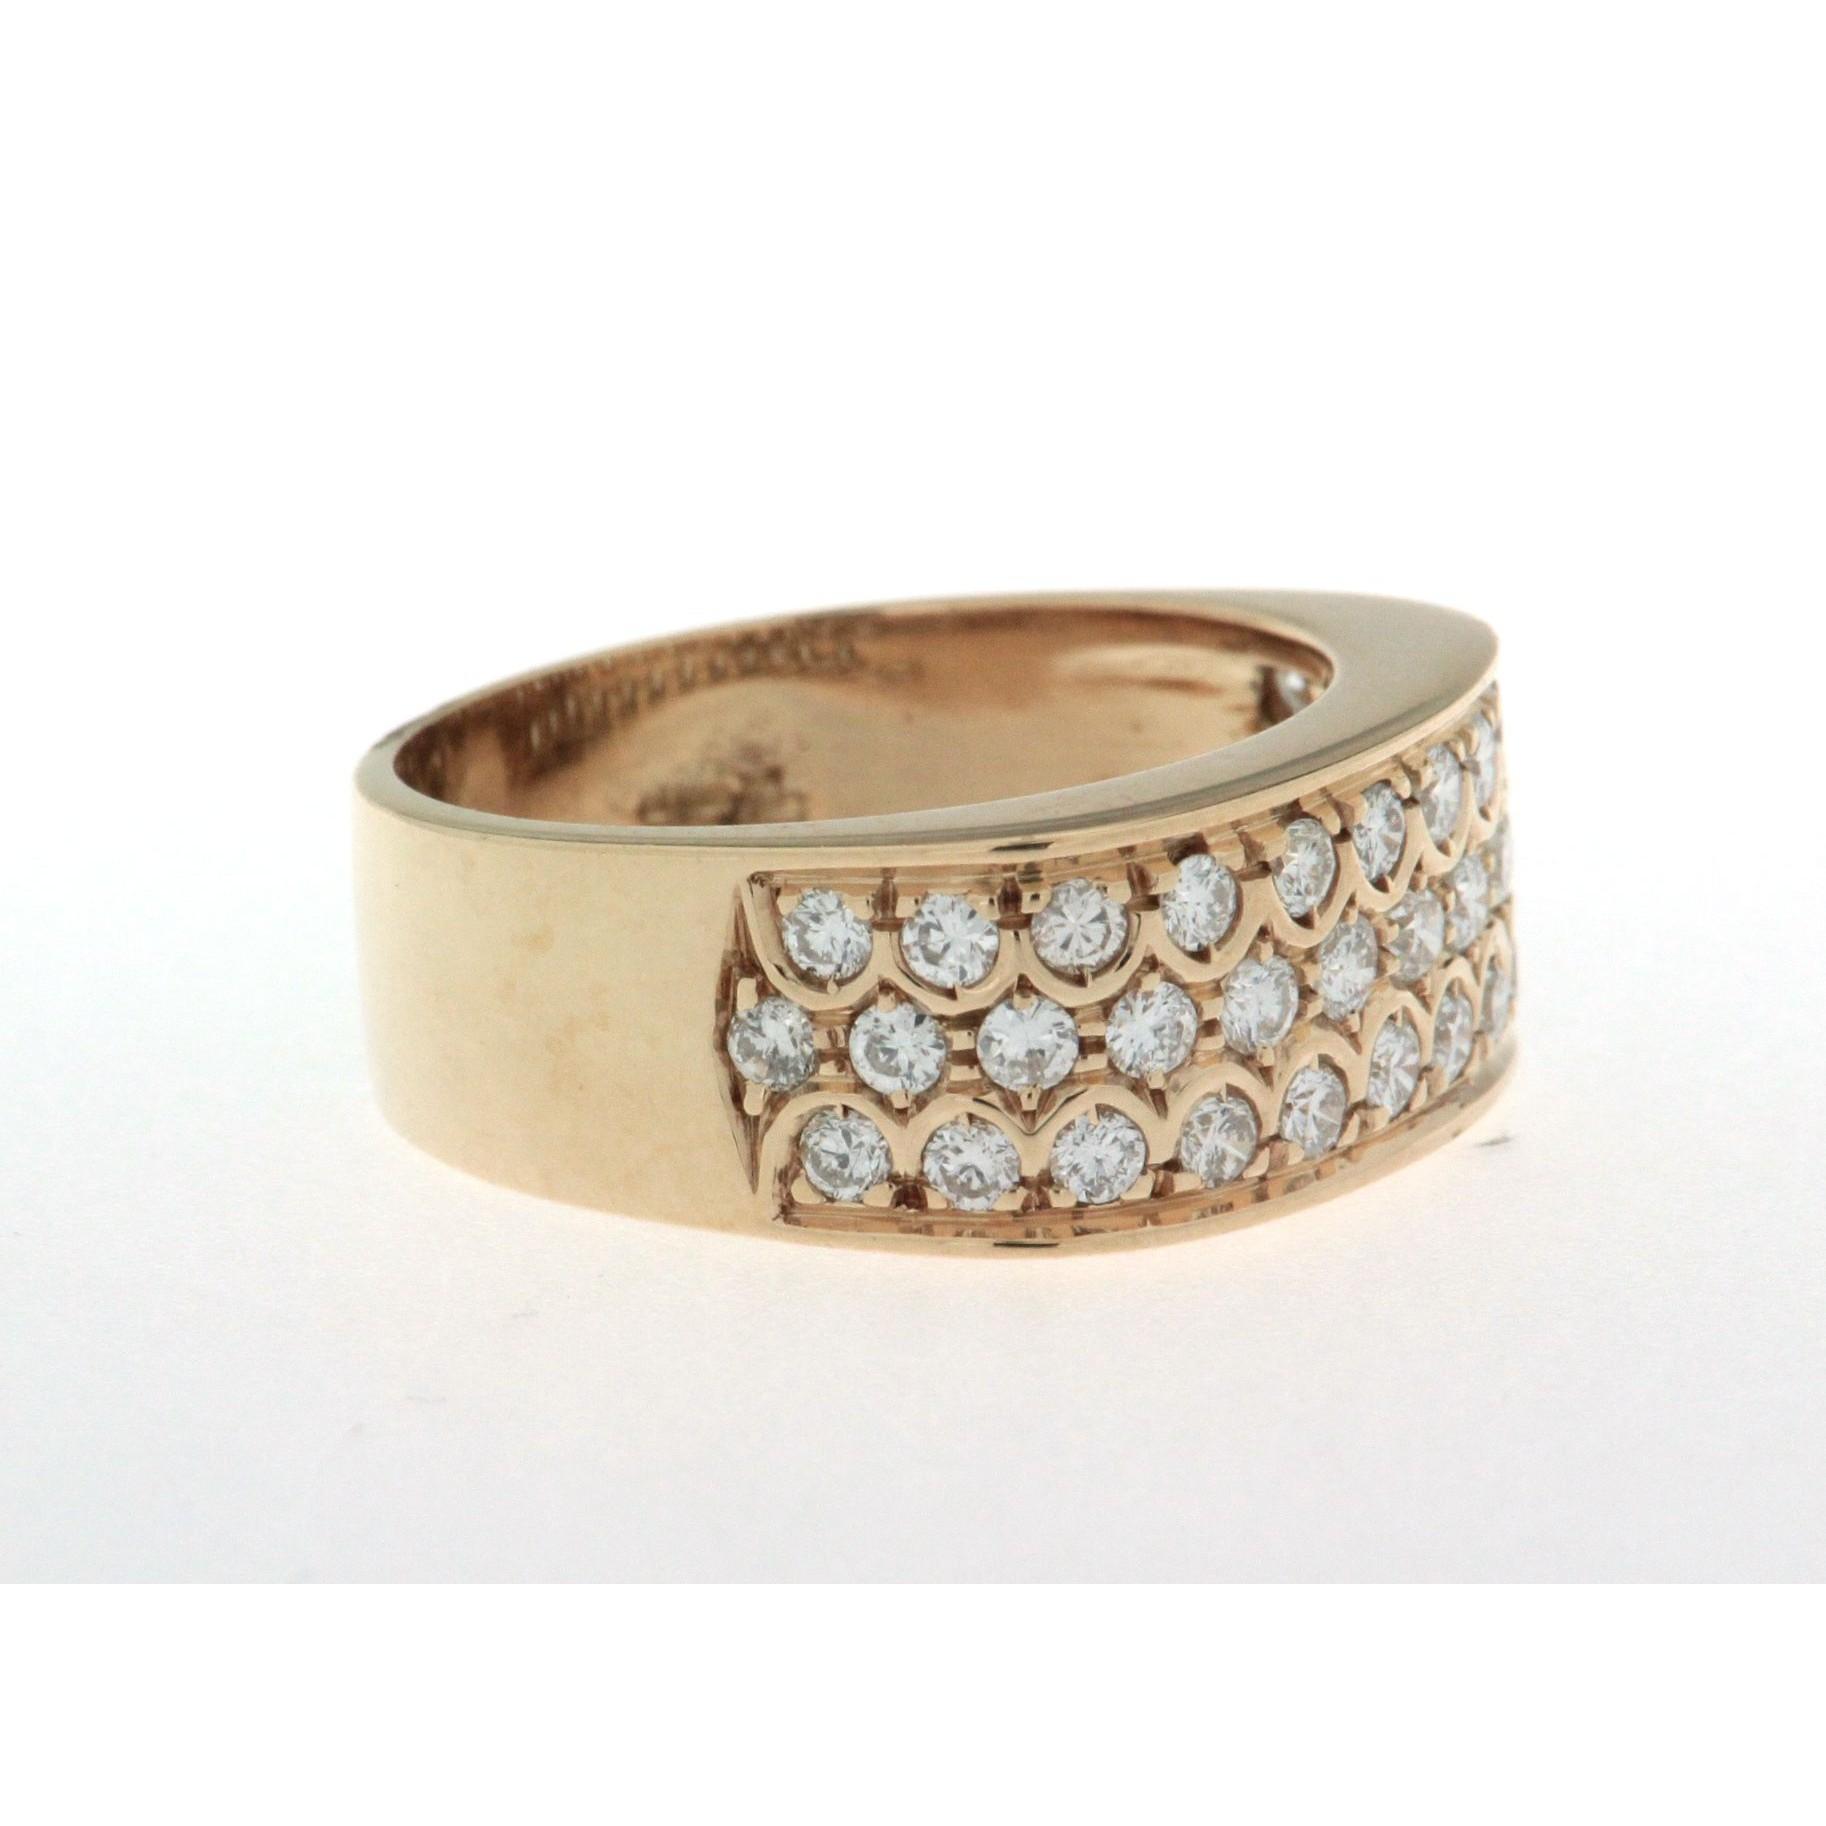 Conosciuto Anello a fascia in oro giallo 18 kt, nuovo, con pavè di diamanti US78